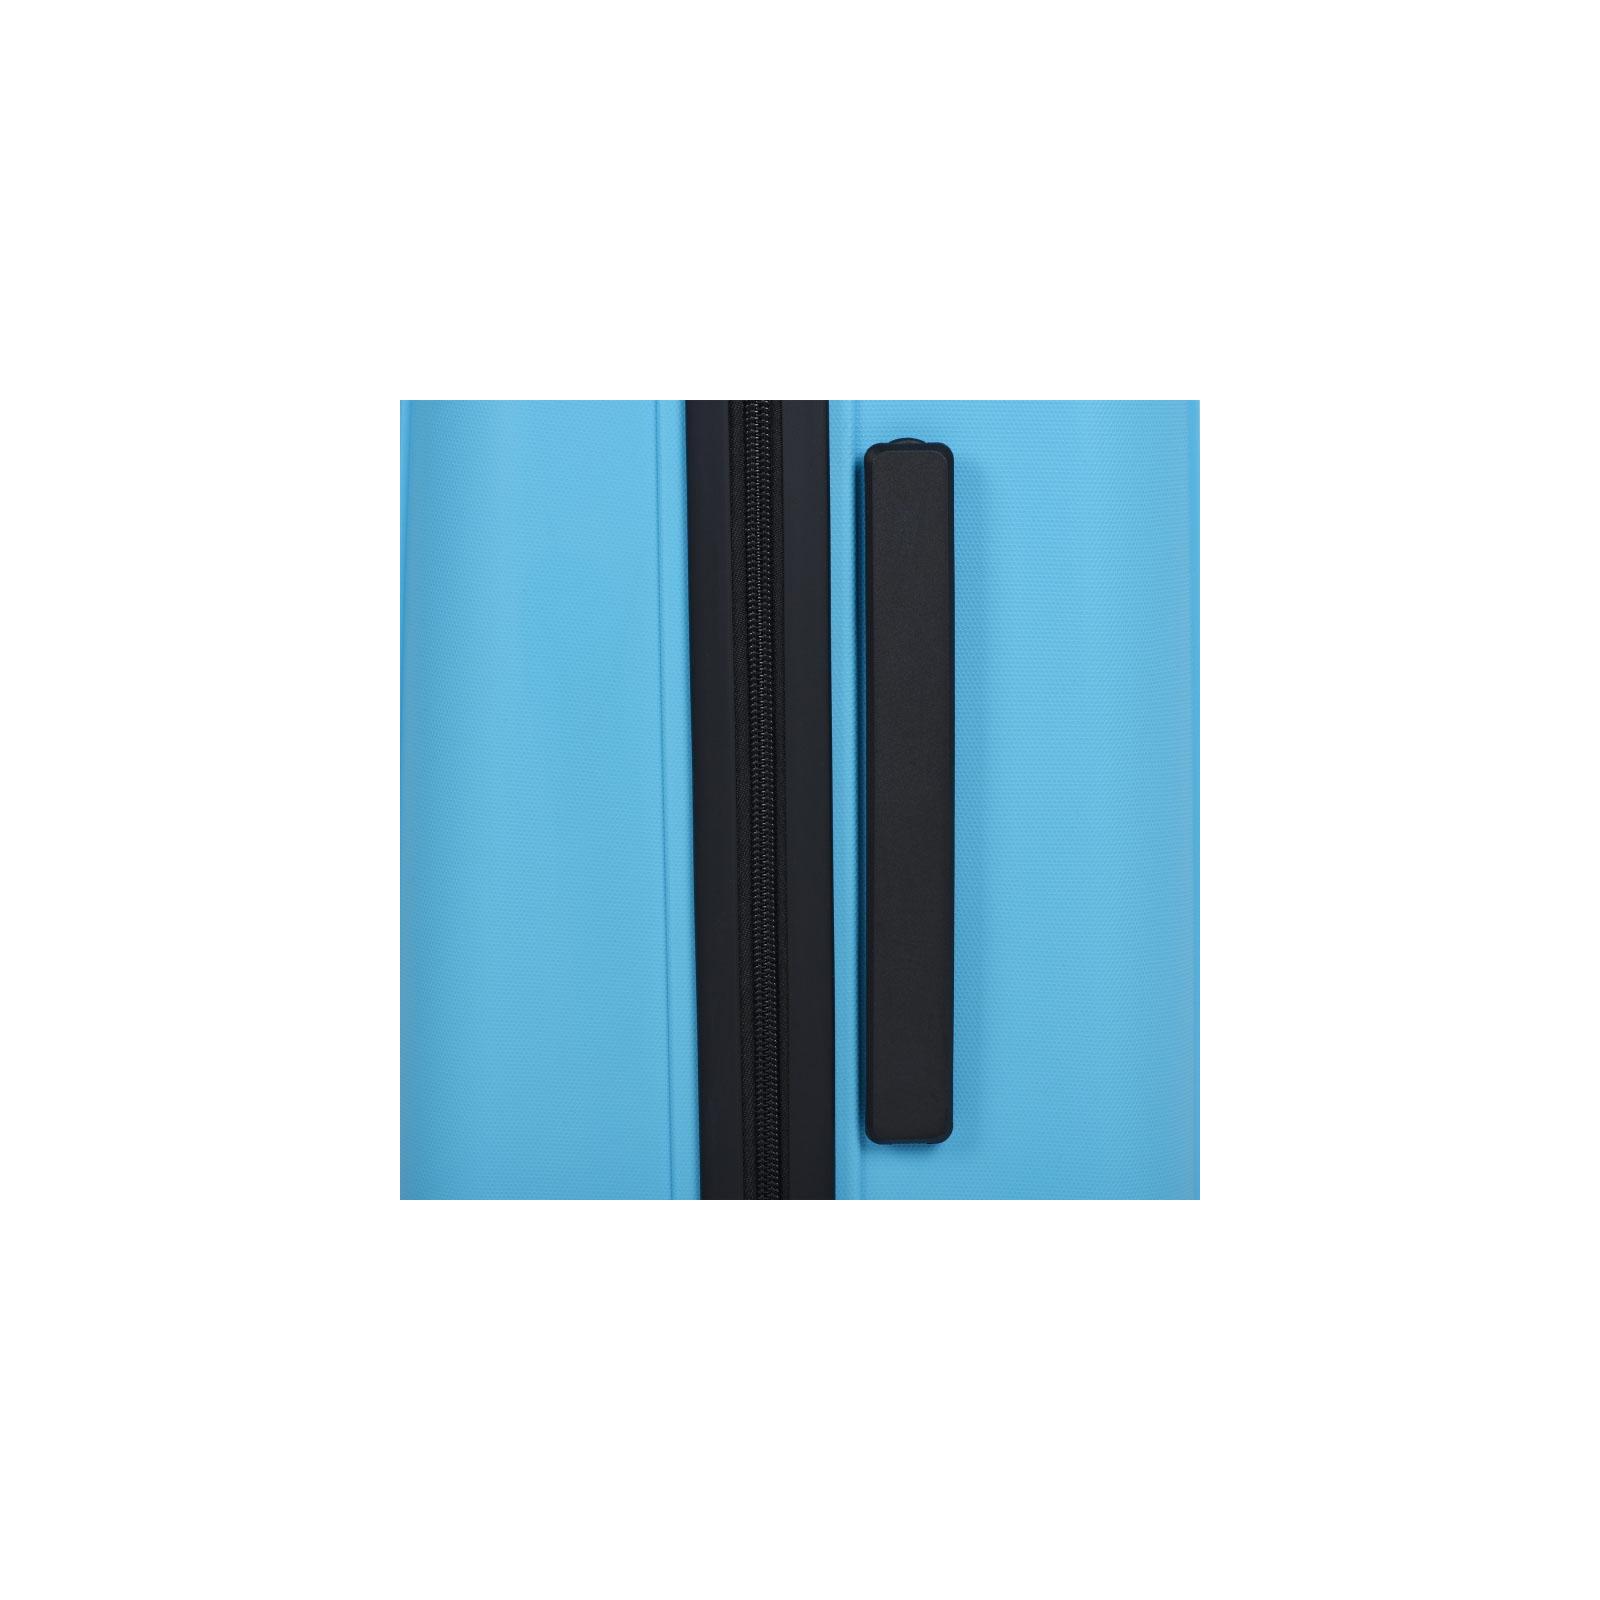 Чемодан 2E Youngster средний синий (2E-SPPY-M-NV) изображение 11